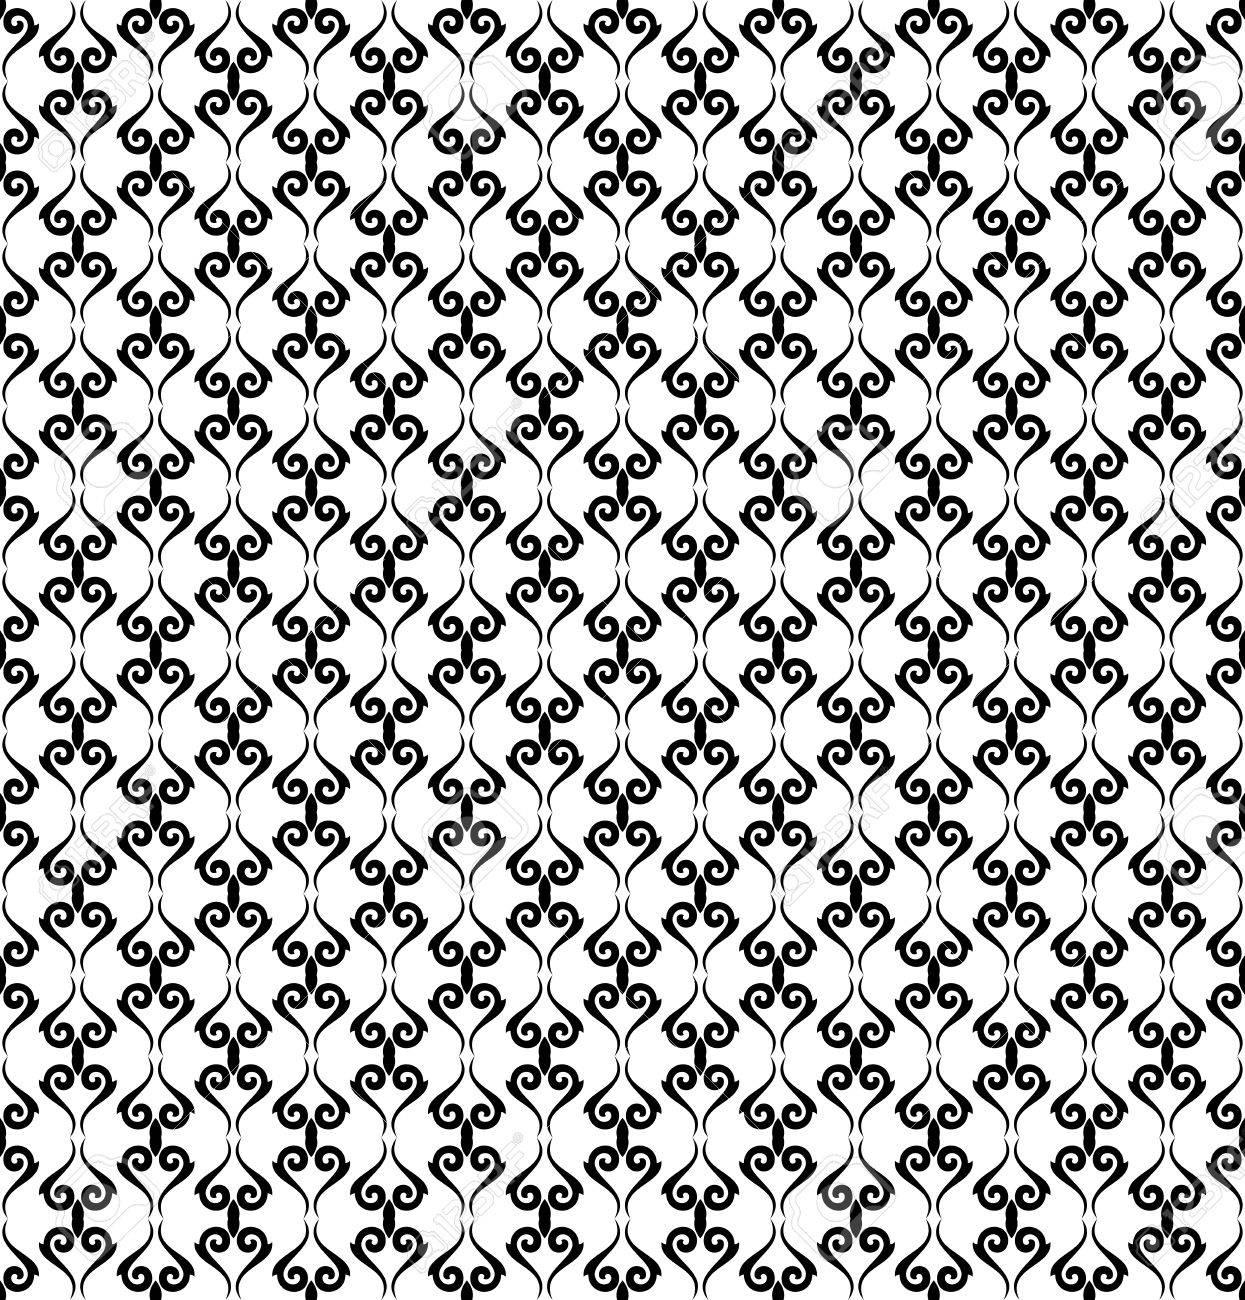 Banque Du0027images   Motif Géométrique. Seamless Background. Abstract Texture  Pour Les Papiers Peints. Couleurs Noir Et Blanc